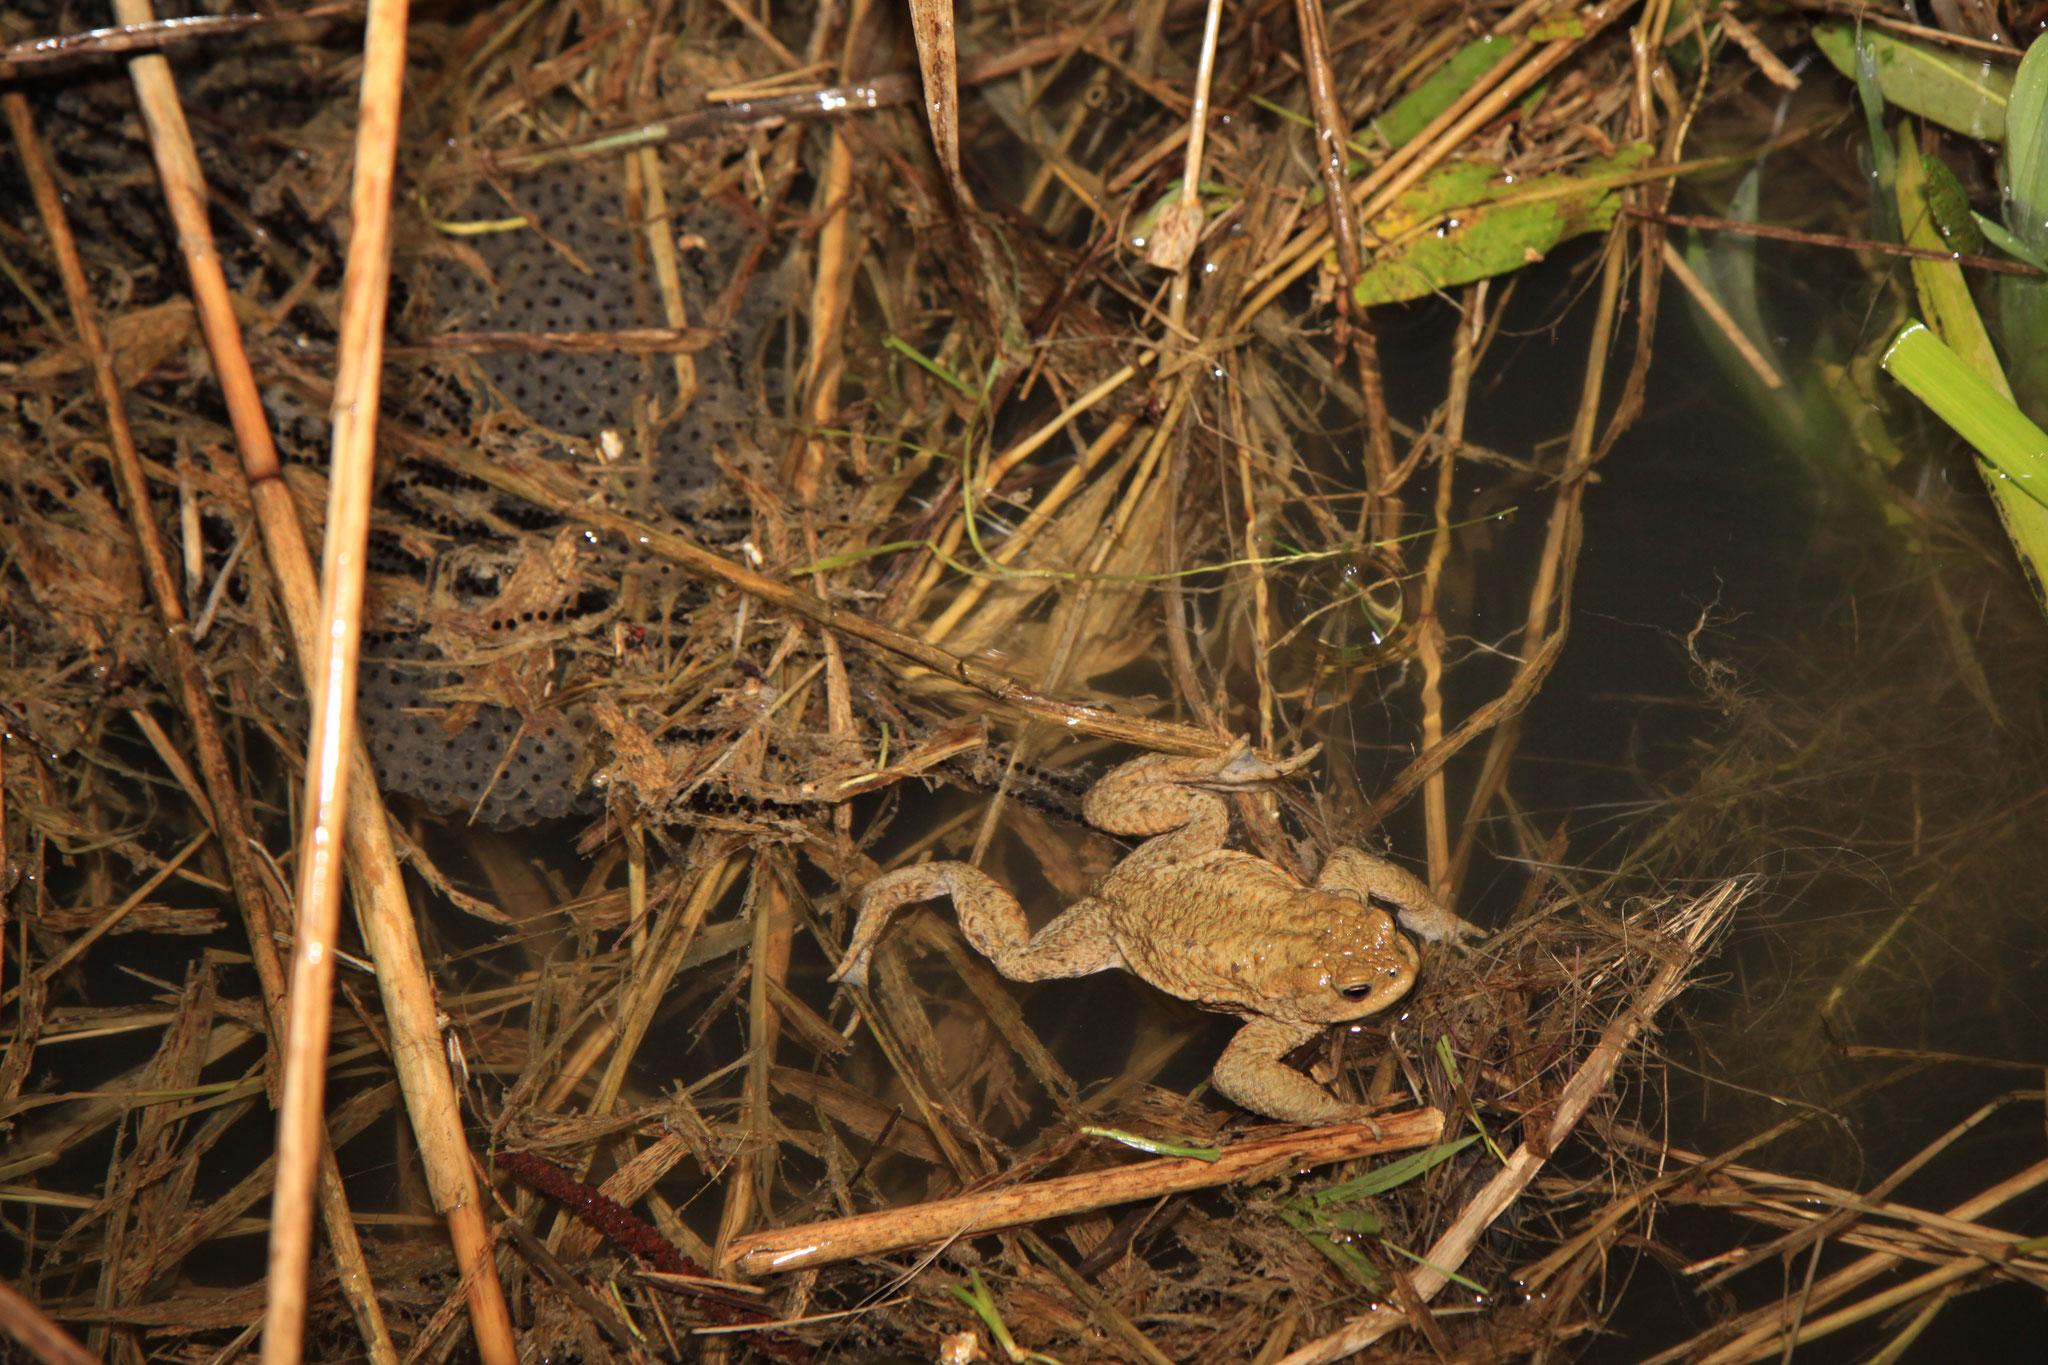 Erdrkröte mit Laichschnüren im Forstwaldteich (Foto: B. Budig)